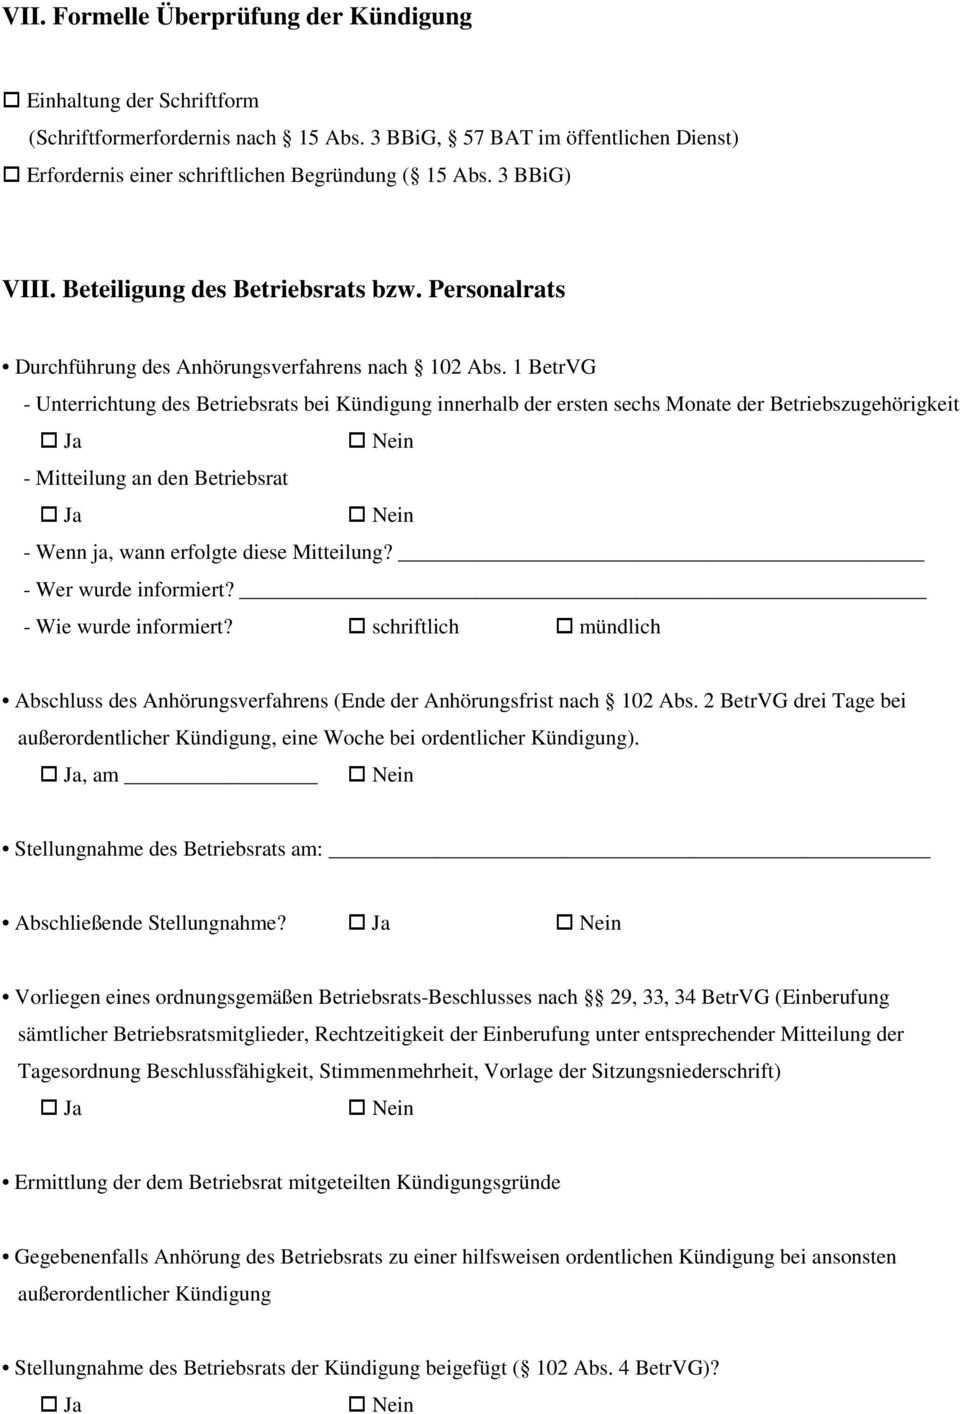 Checkliste Fur Die Annahme Von Kundigungsrechtlichen Mandaten Pdf Free Download